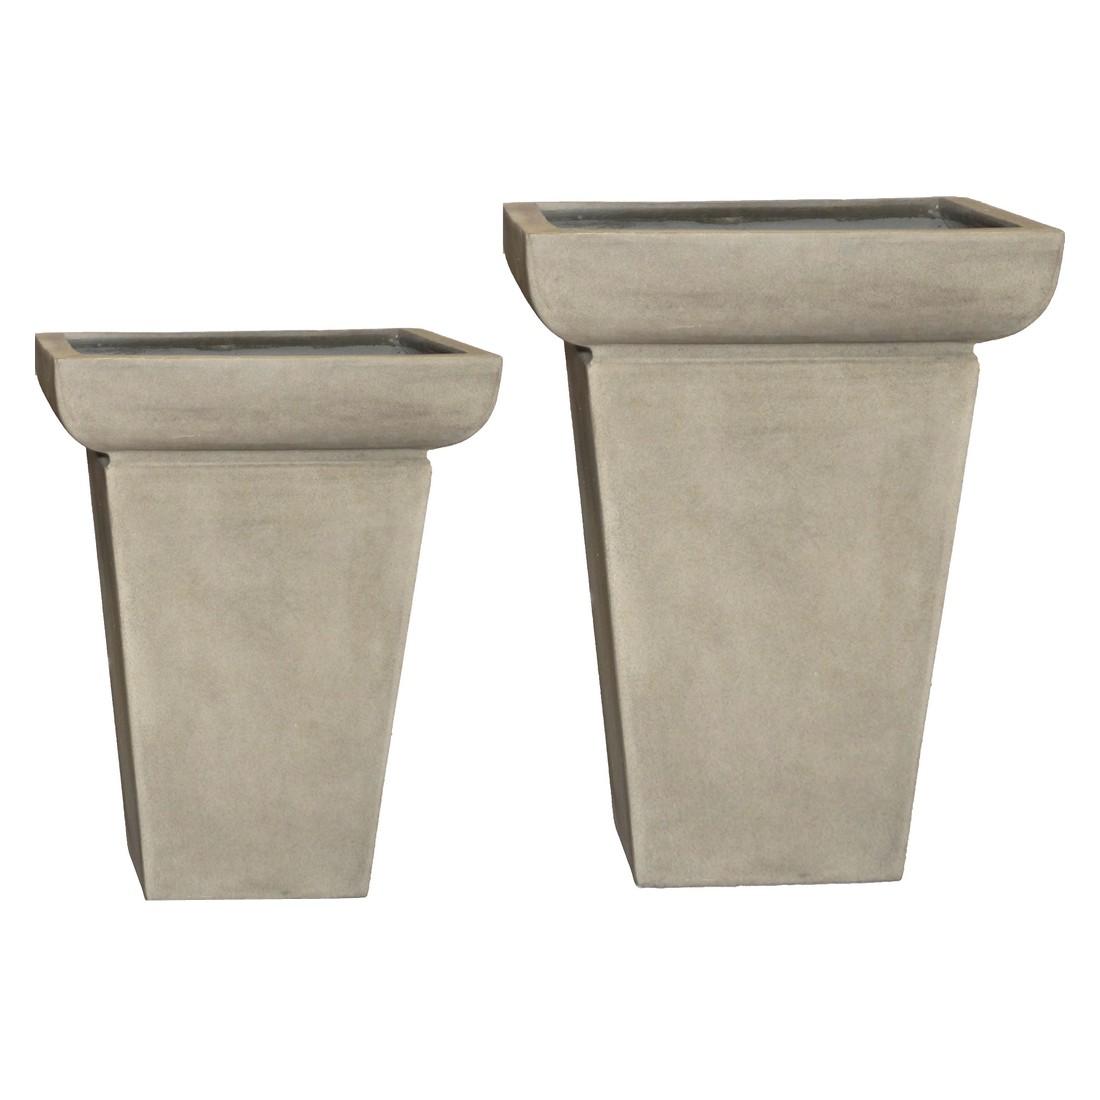 Pflanzkübel Cornish Stone – Kunststoff – Design Eckig Big City – Vase Cornish Stone – Kunststoff – Design Eckig – 86 cm65 cm, Viducci's Garden jetzt bestellen